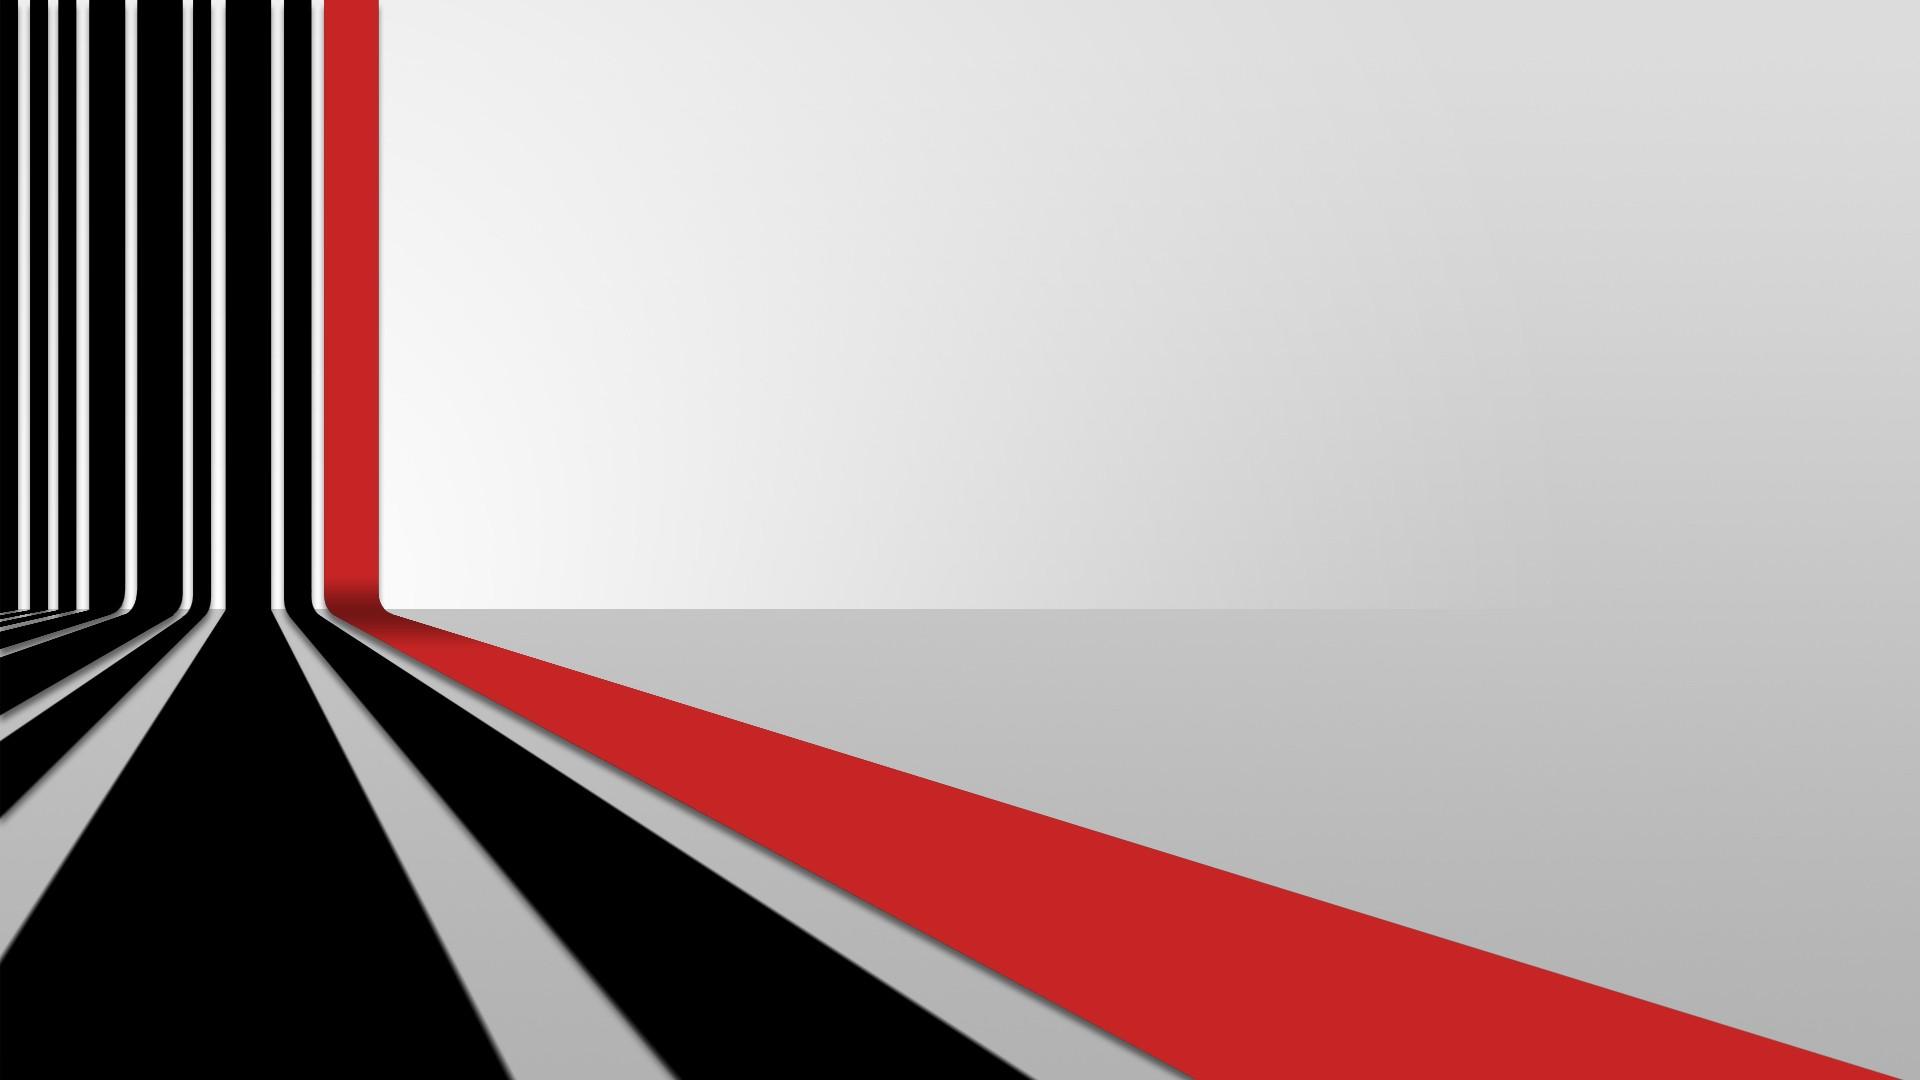 Black Minimalistic Wallpaper 1920x1080 Black Minimalistic Red 1920x1080